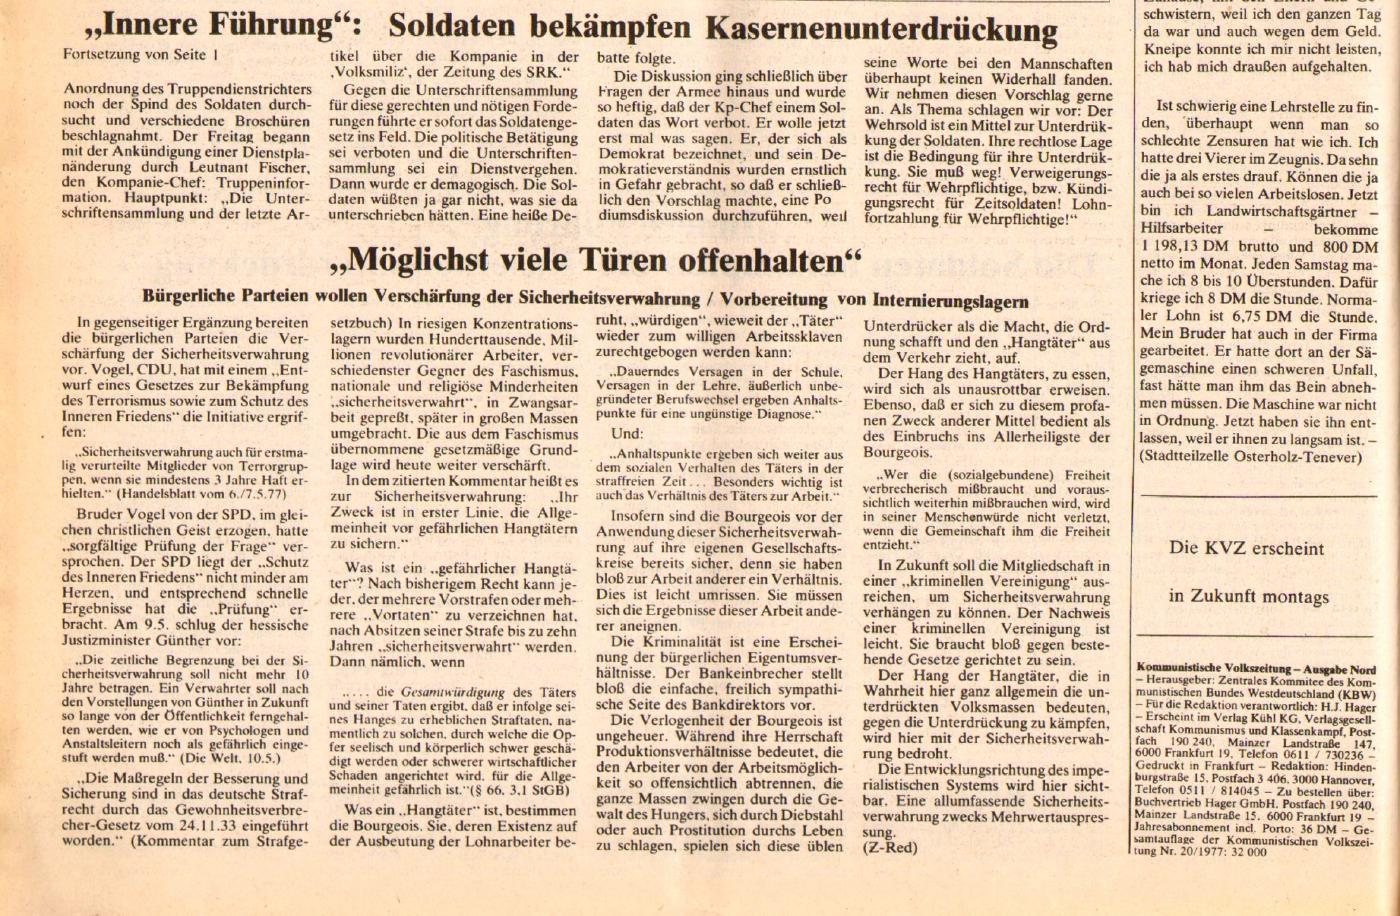 KVZ_Nord_1977_20_04